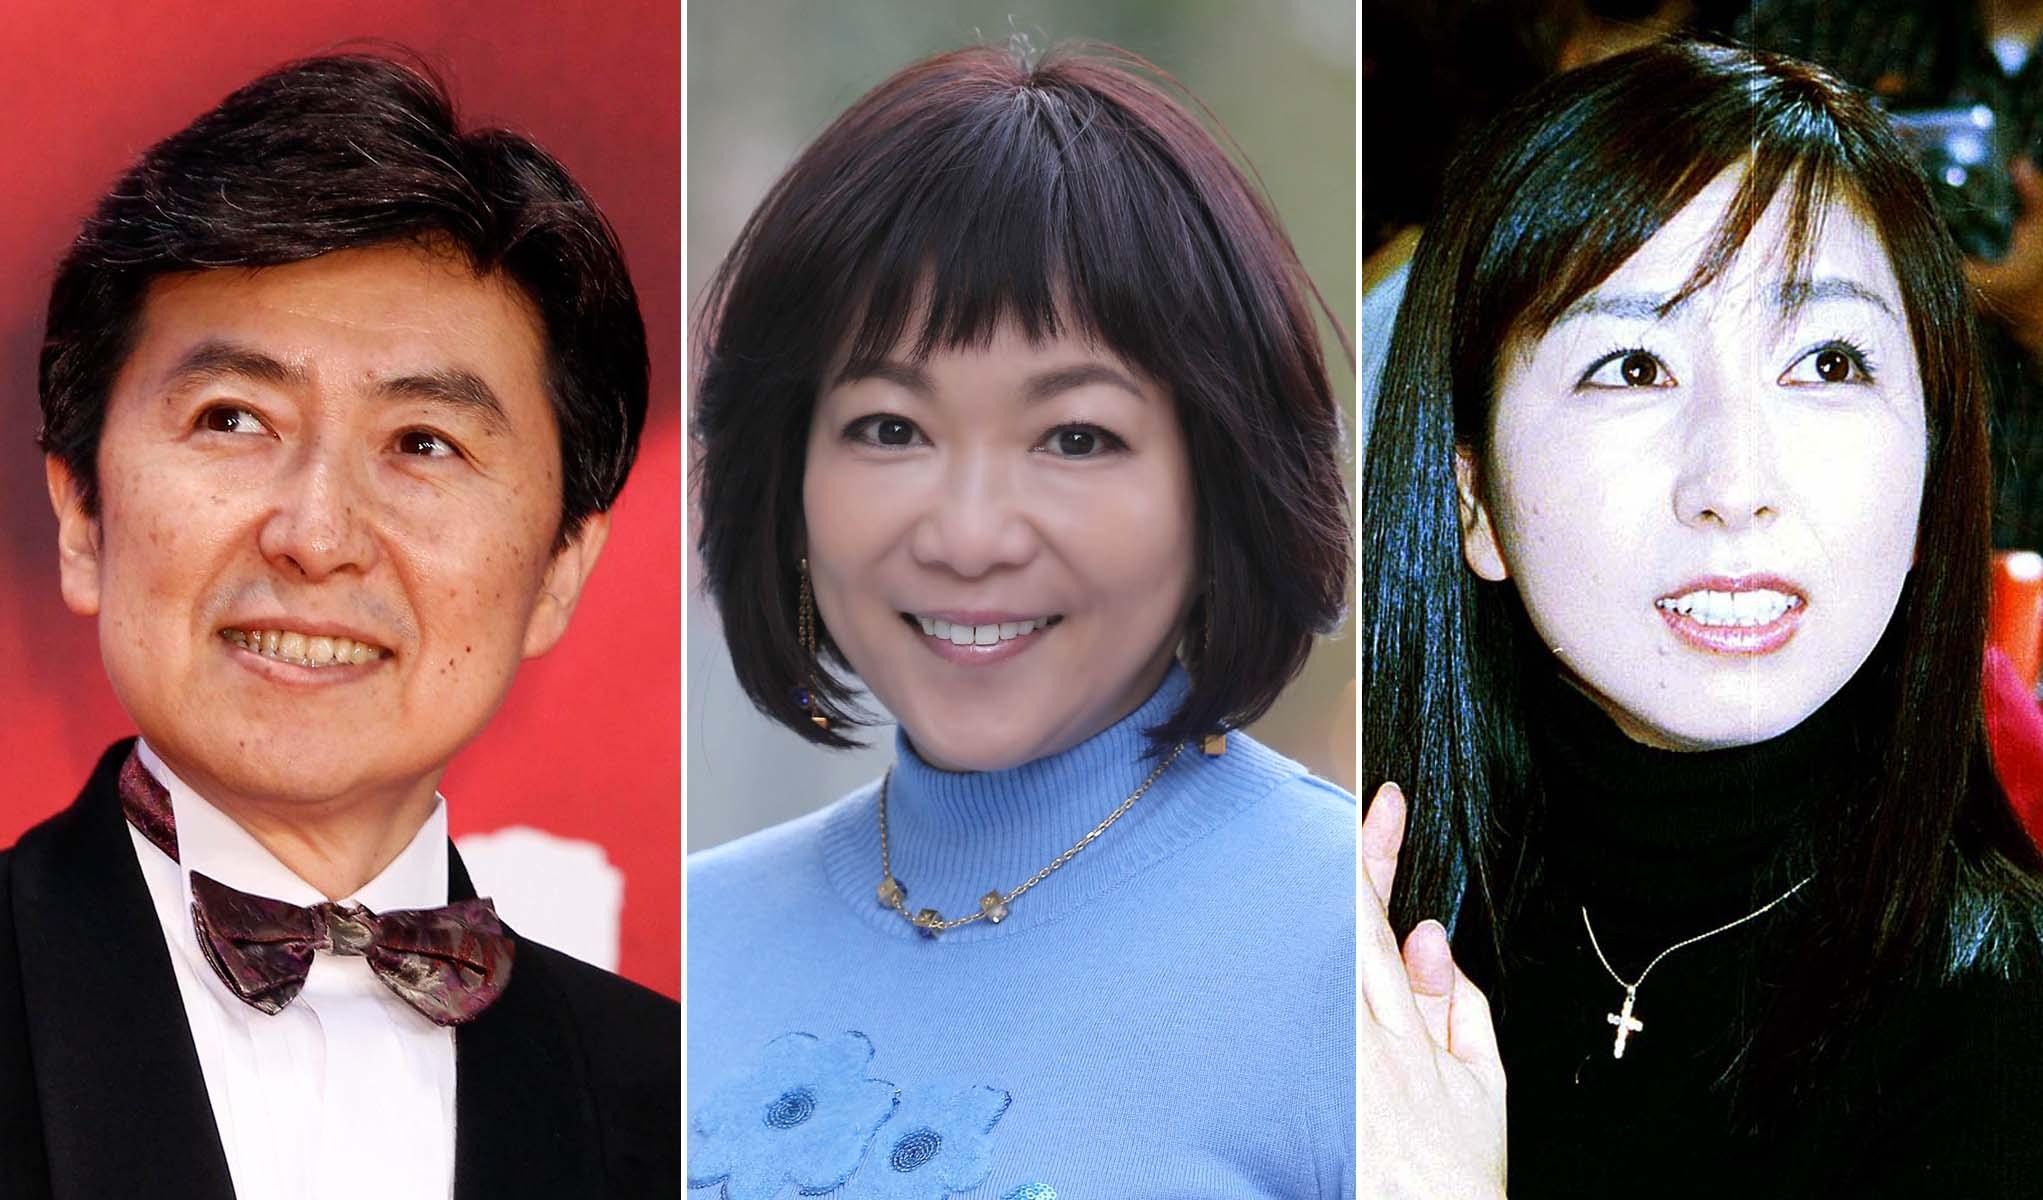 (左から)笠井信輔さん、堀ちえみさん、岡村孝子さん(C)日刊ゲンダイ